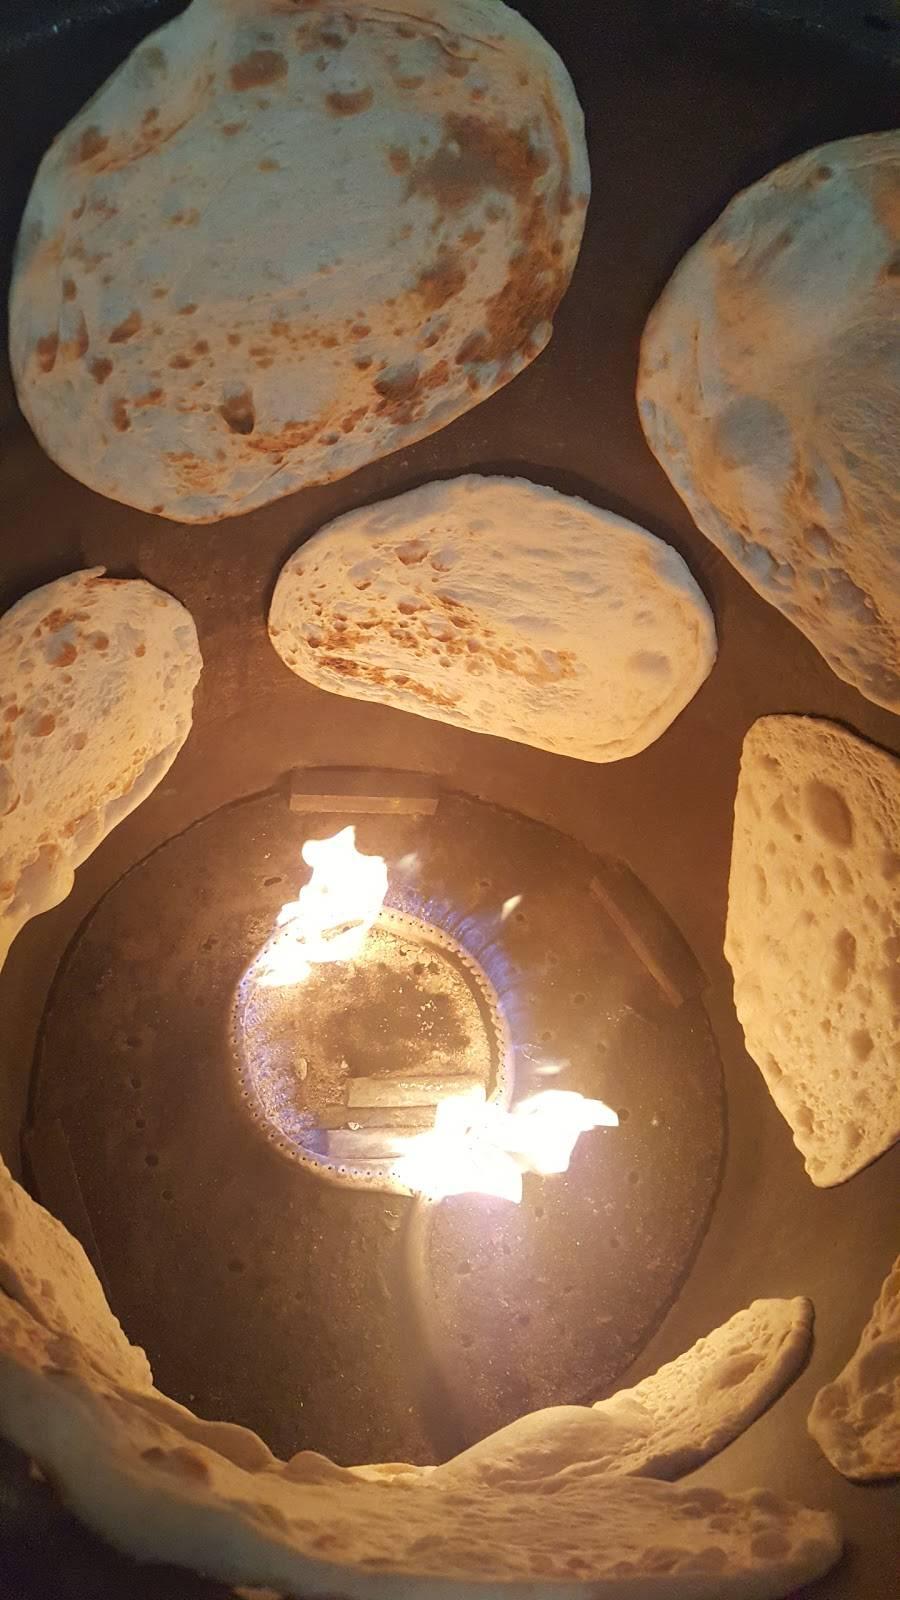 Shaikh Bakery افران الشيخ | bakery | 15831 W Warren Ave, Detroit, MI 48228, USA | 3139450025 OR +1 313-945-0025